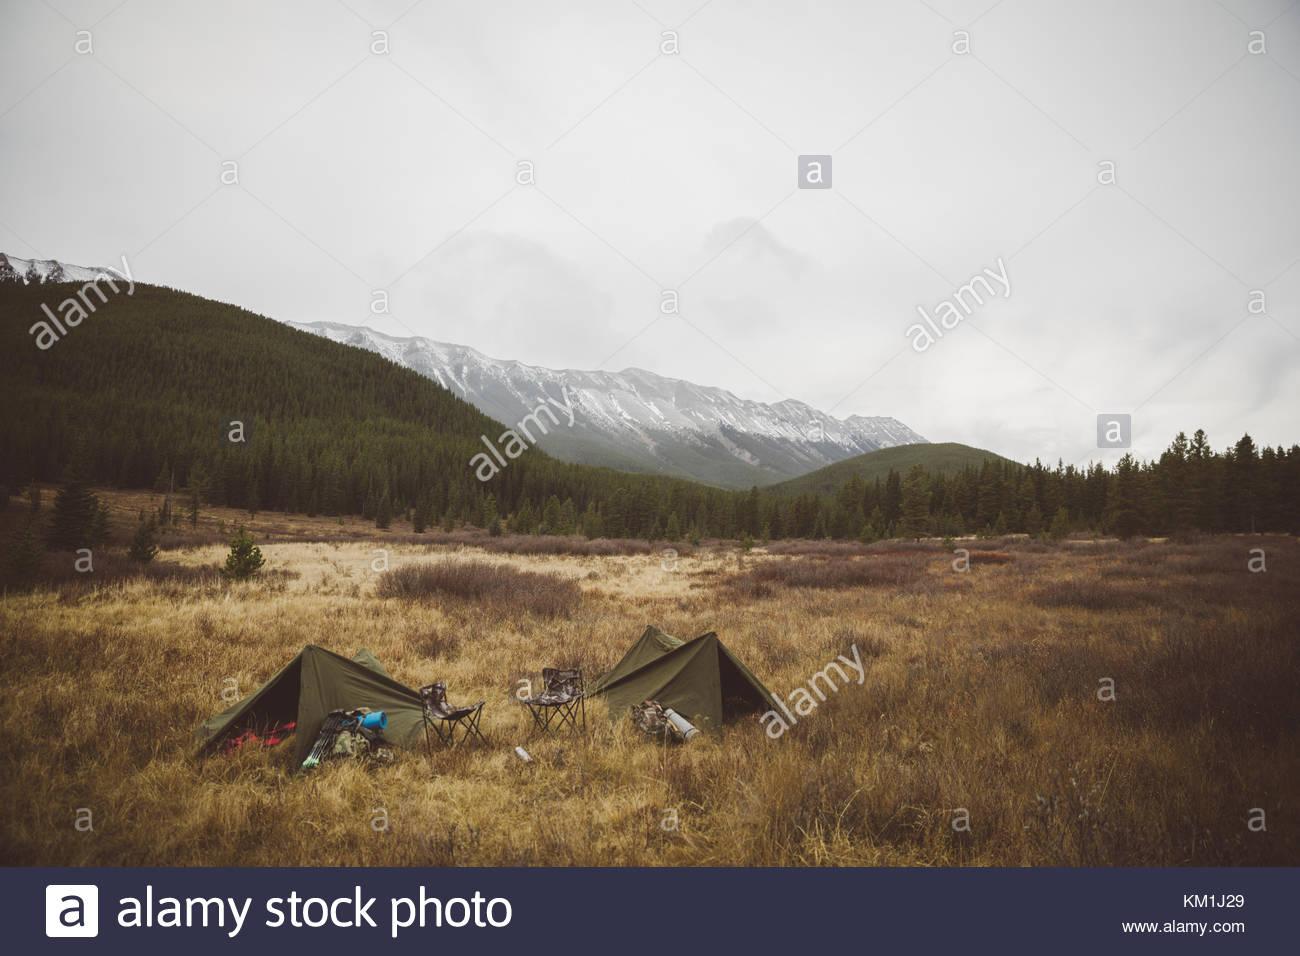 Camping Caza carpas en campo remoto debajo de las montañas Imagen De Stock